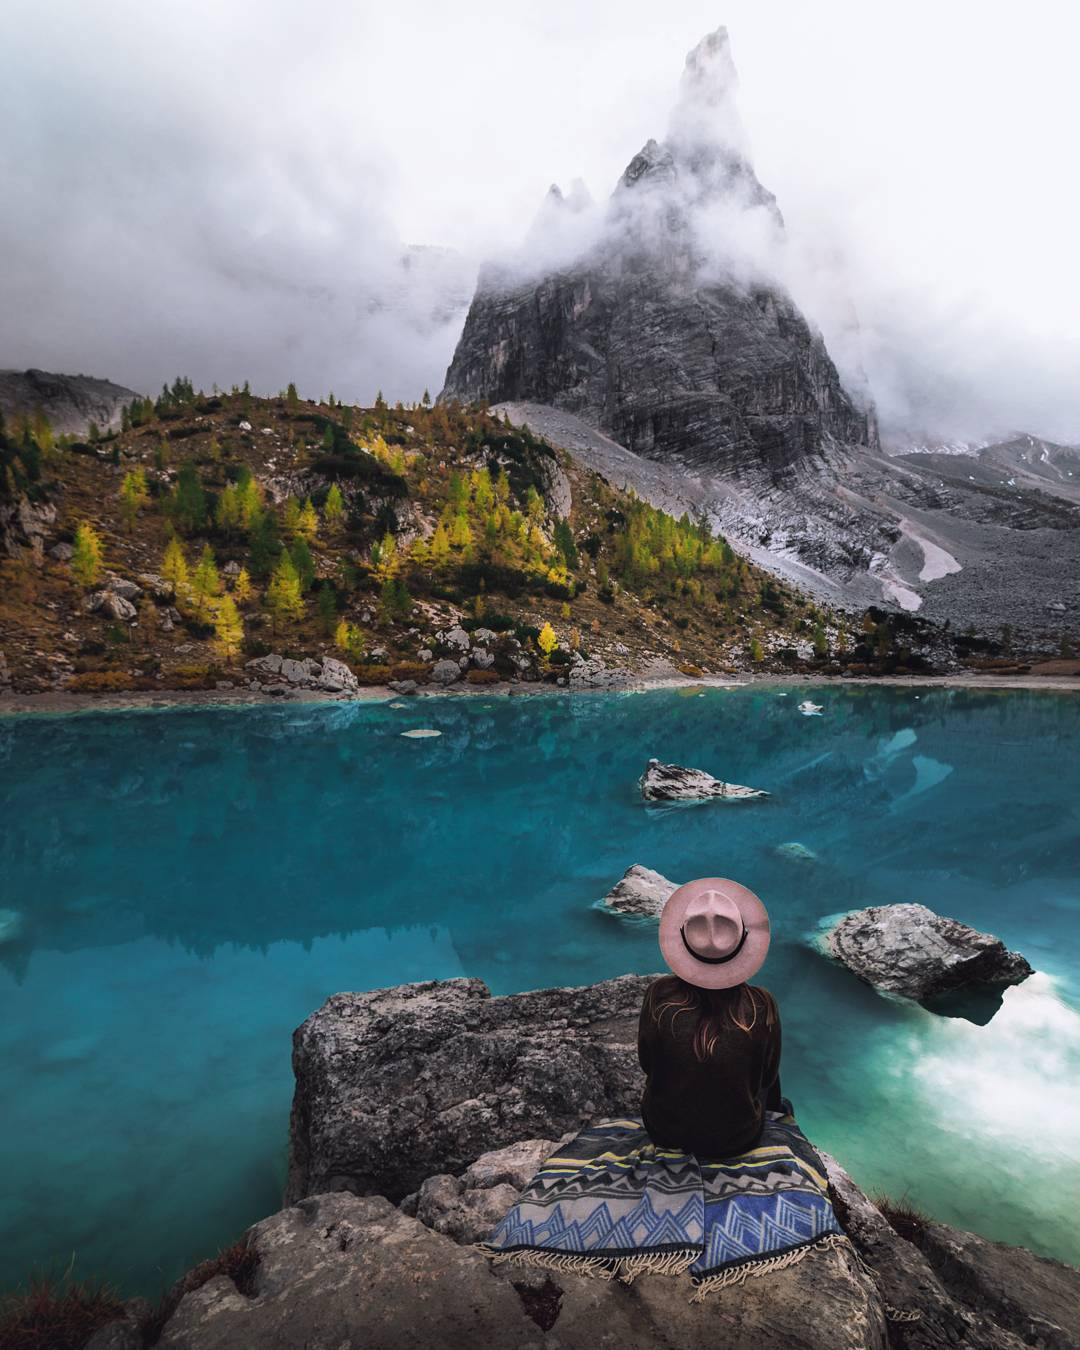 Путешествия и приключения на снимках Марселя Зиберта